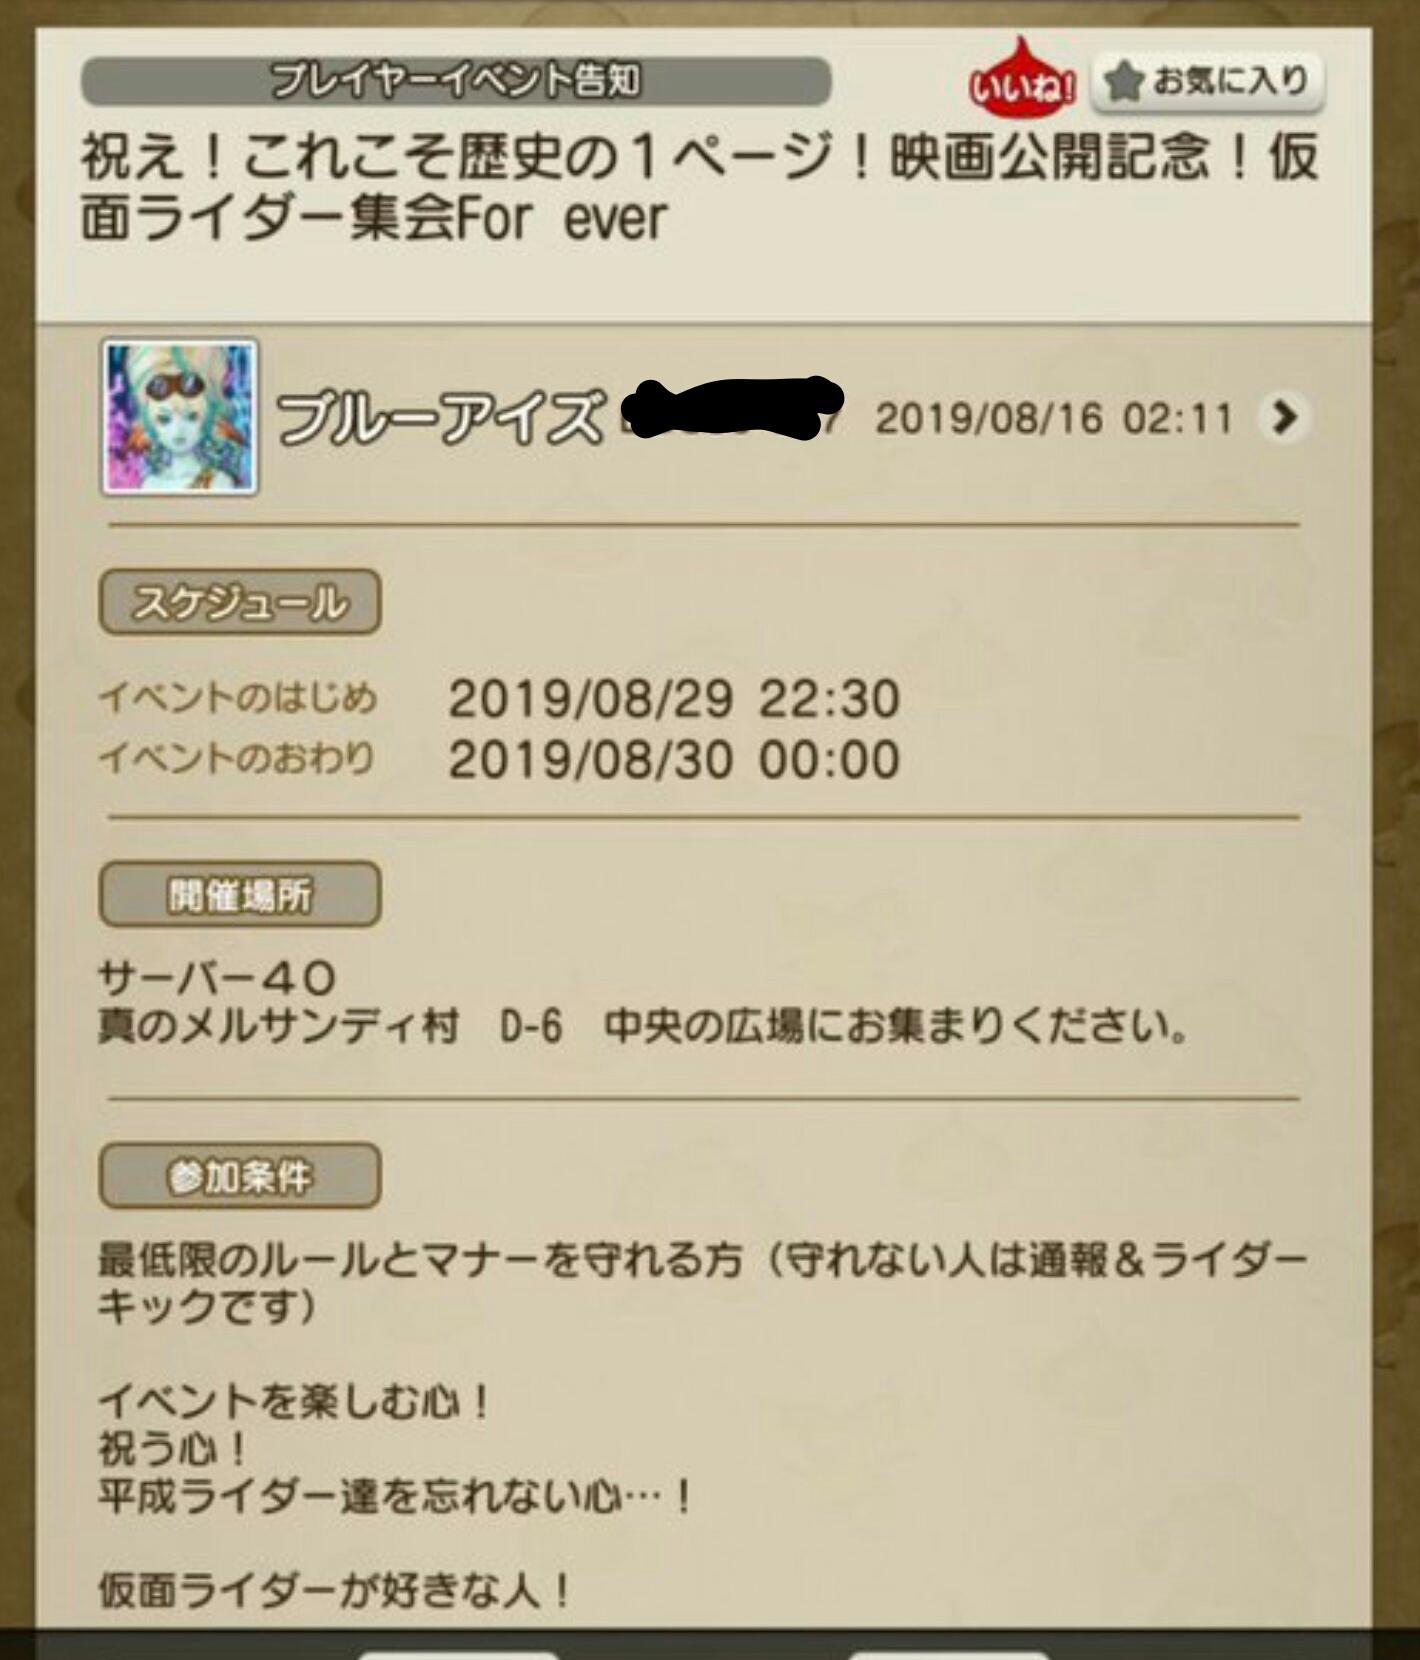 20191010152443559.jpg